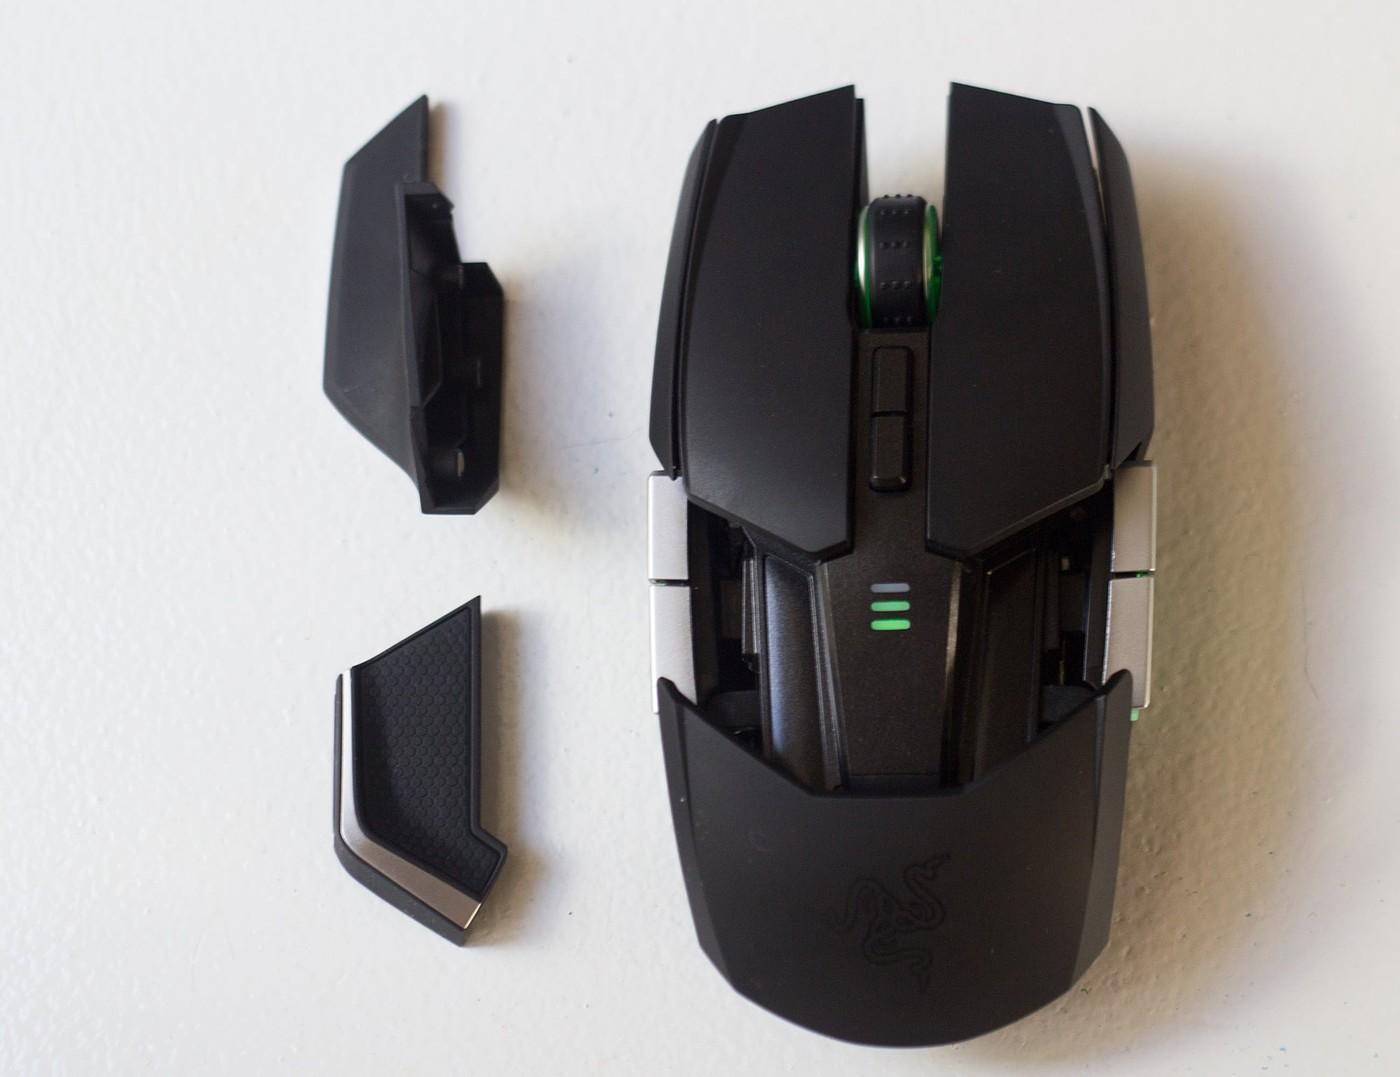 Razer Ouroboros 定制游戏鼠标